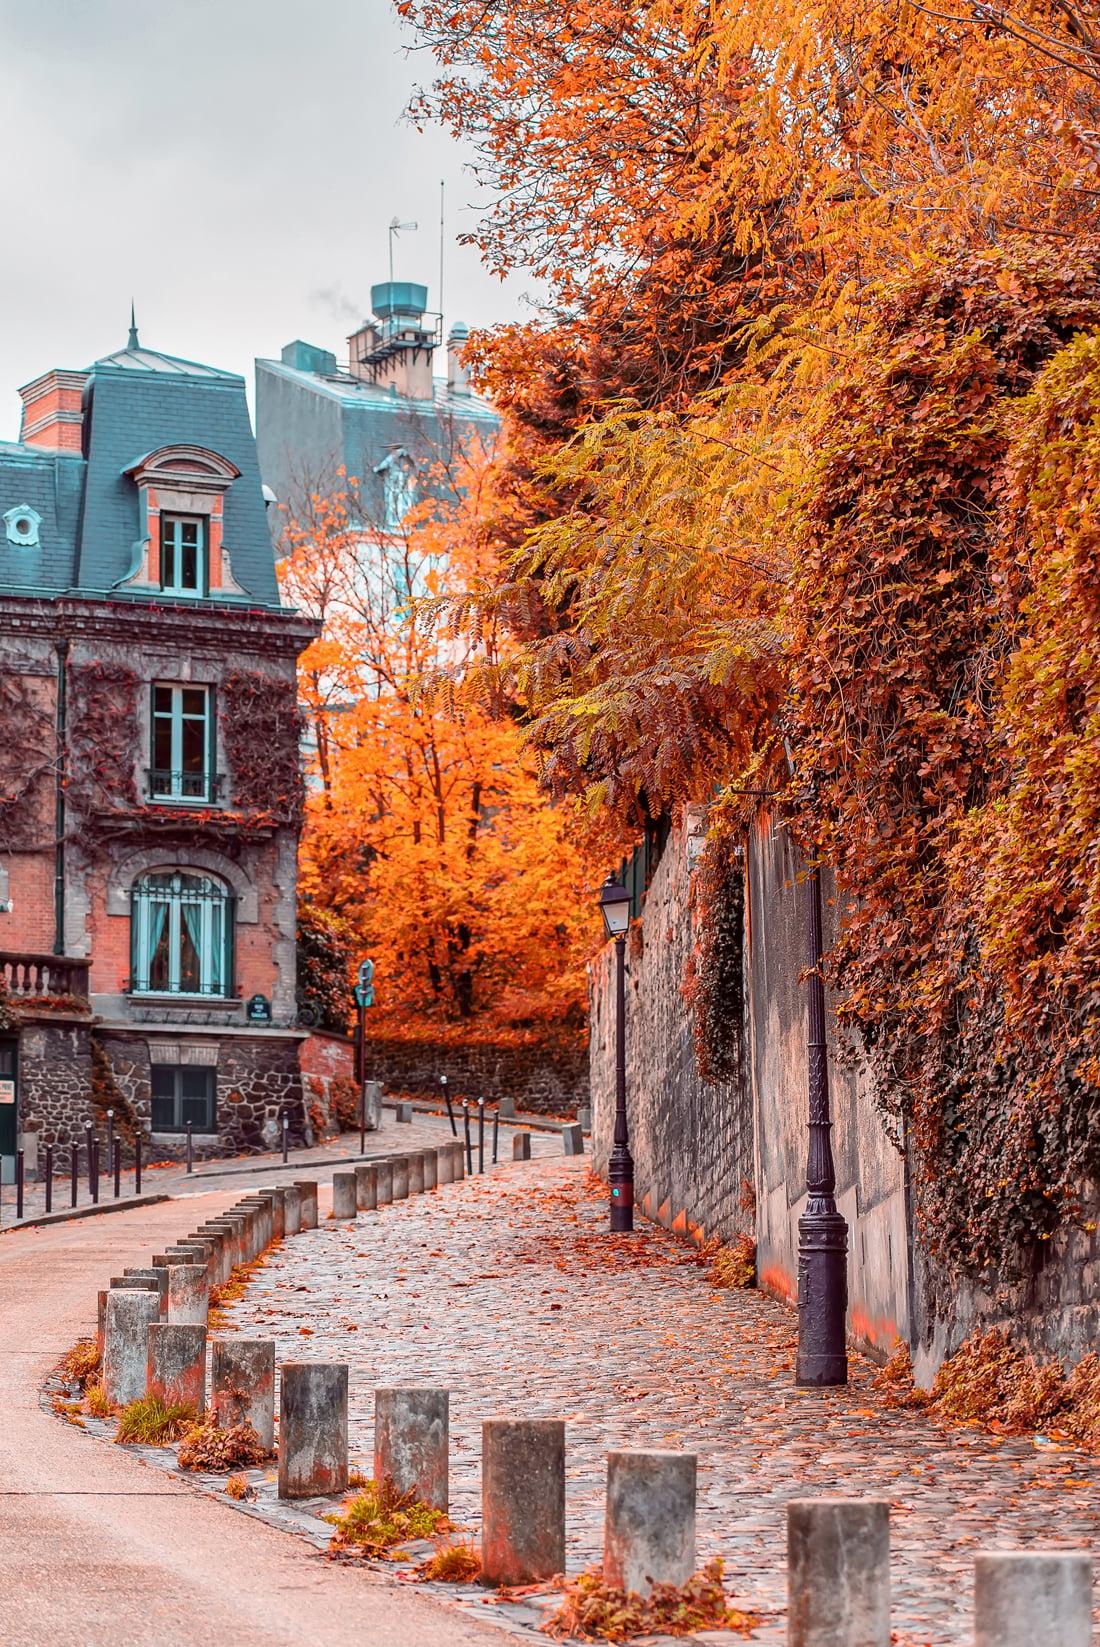 Montmartre in October